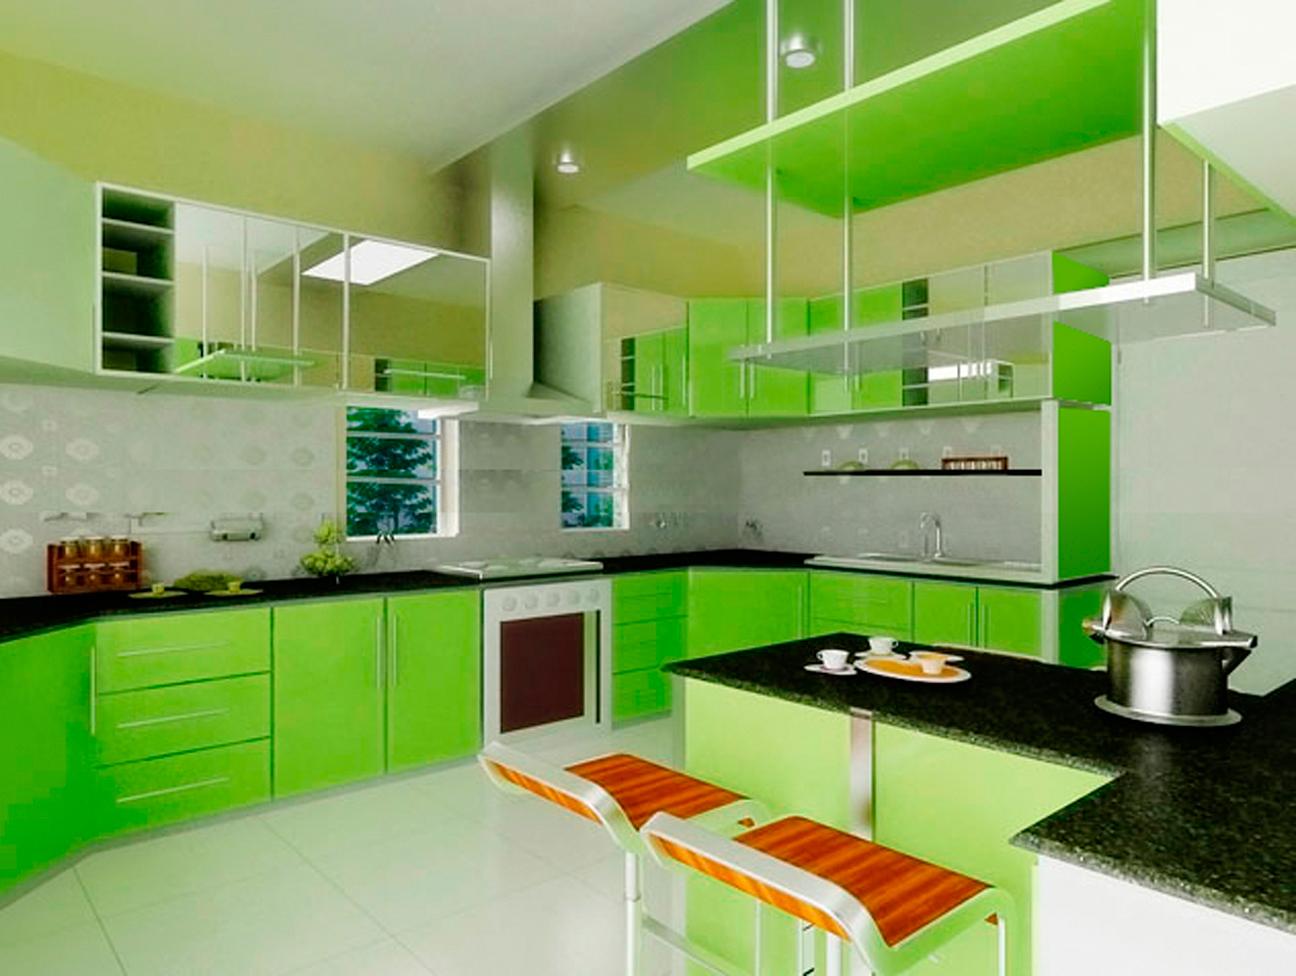 Кухня в салатовом цвете картинки